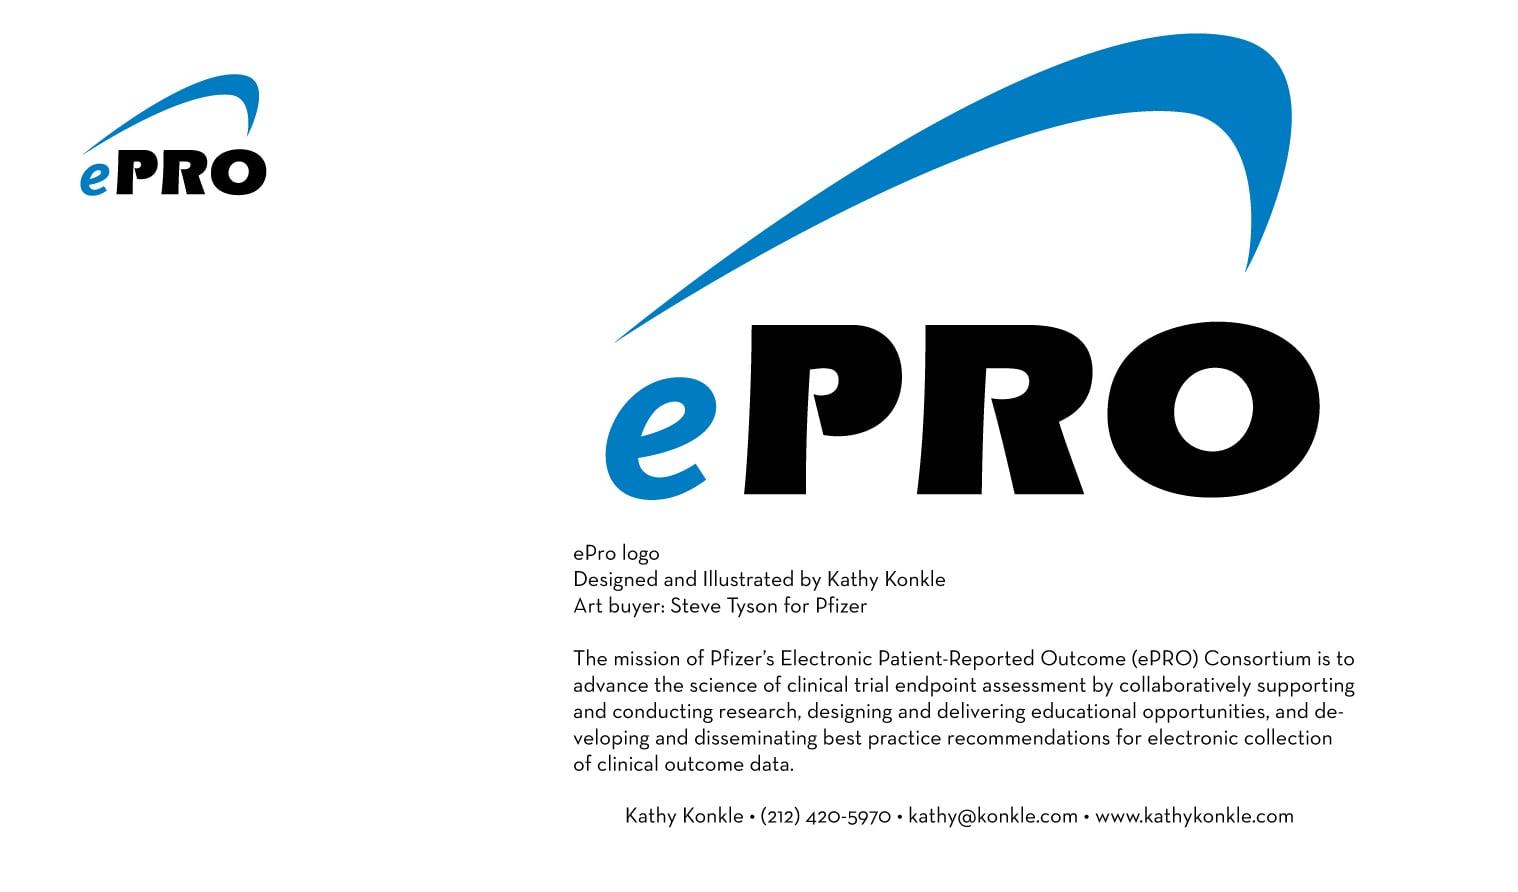 ePro-logo.jpg